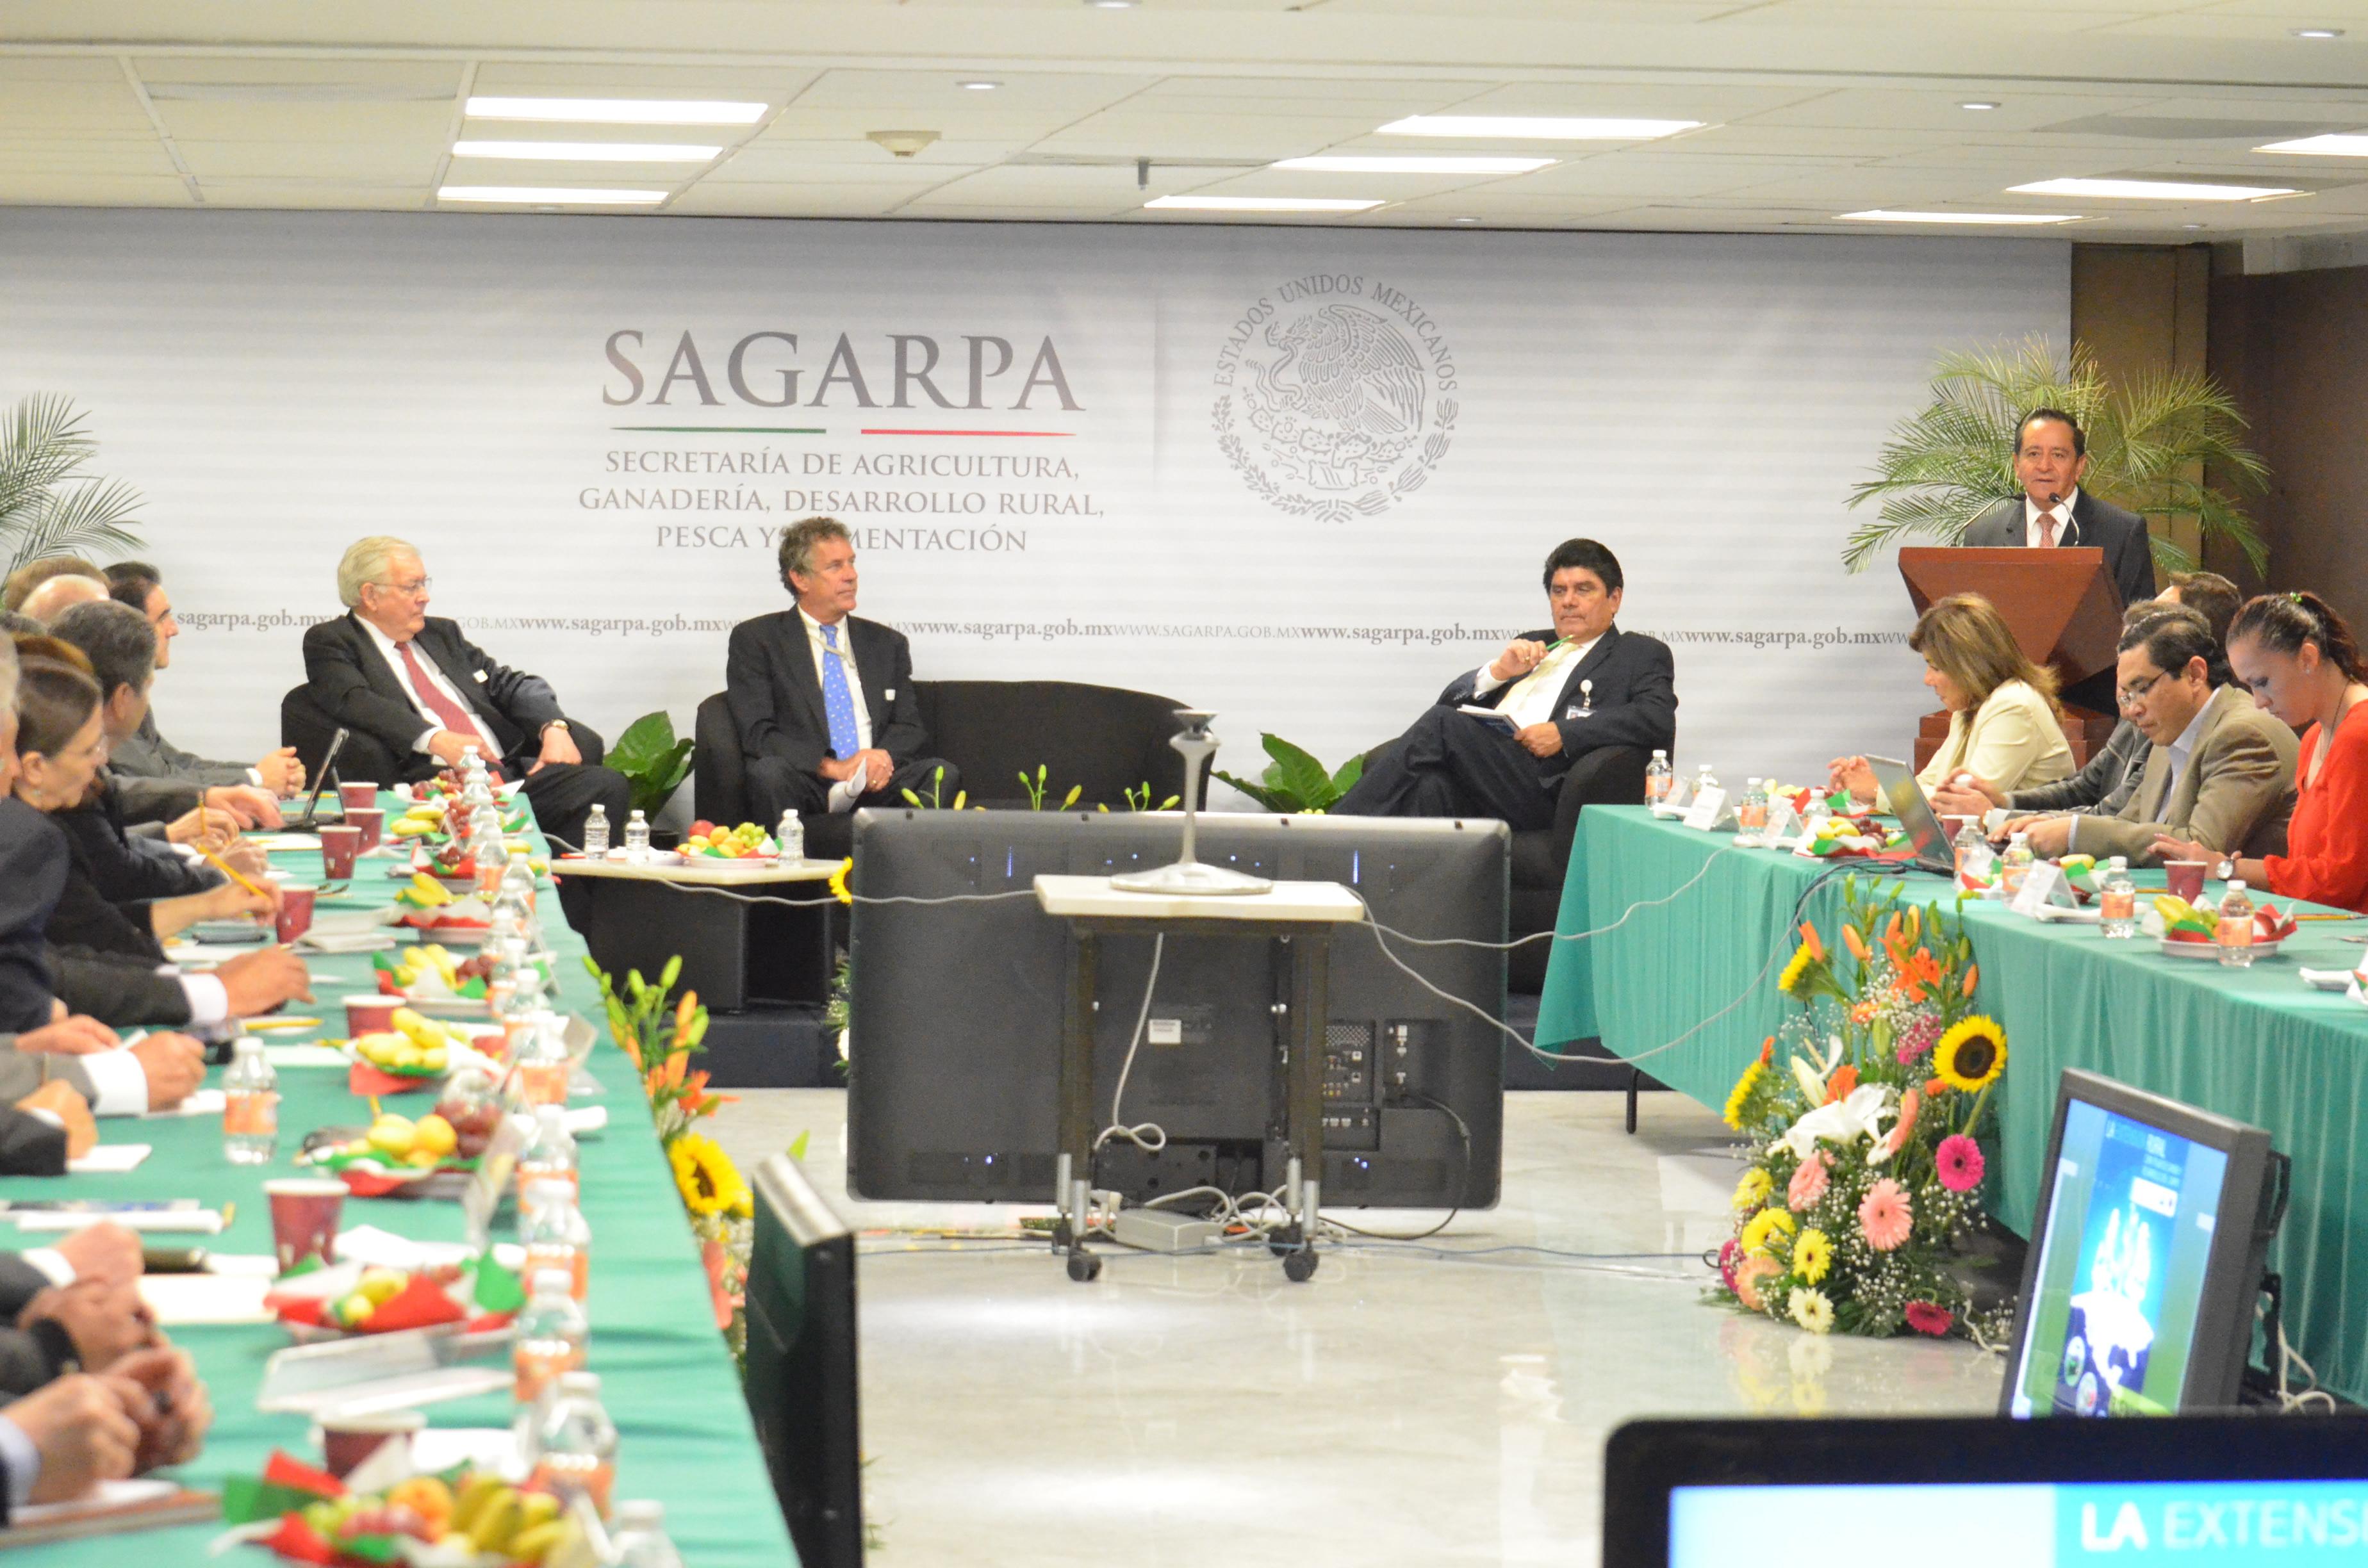 El consejero agrícola de la Embajada de Estados Unidos en México, Daniel Berman, coincidió en que el extensionismo es uno de los factores que detonan el crecimiento en el sector rural.